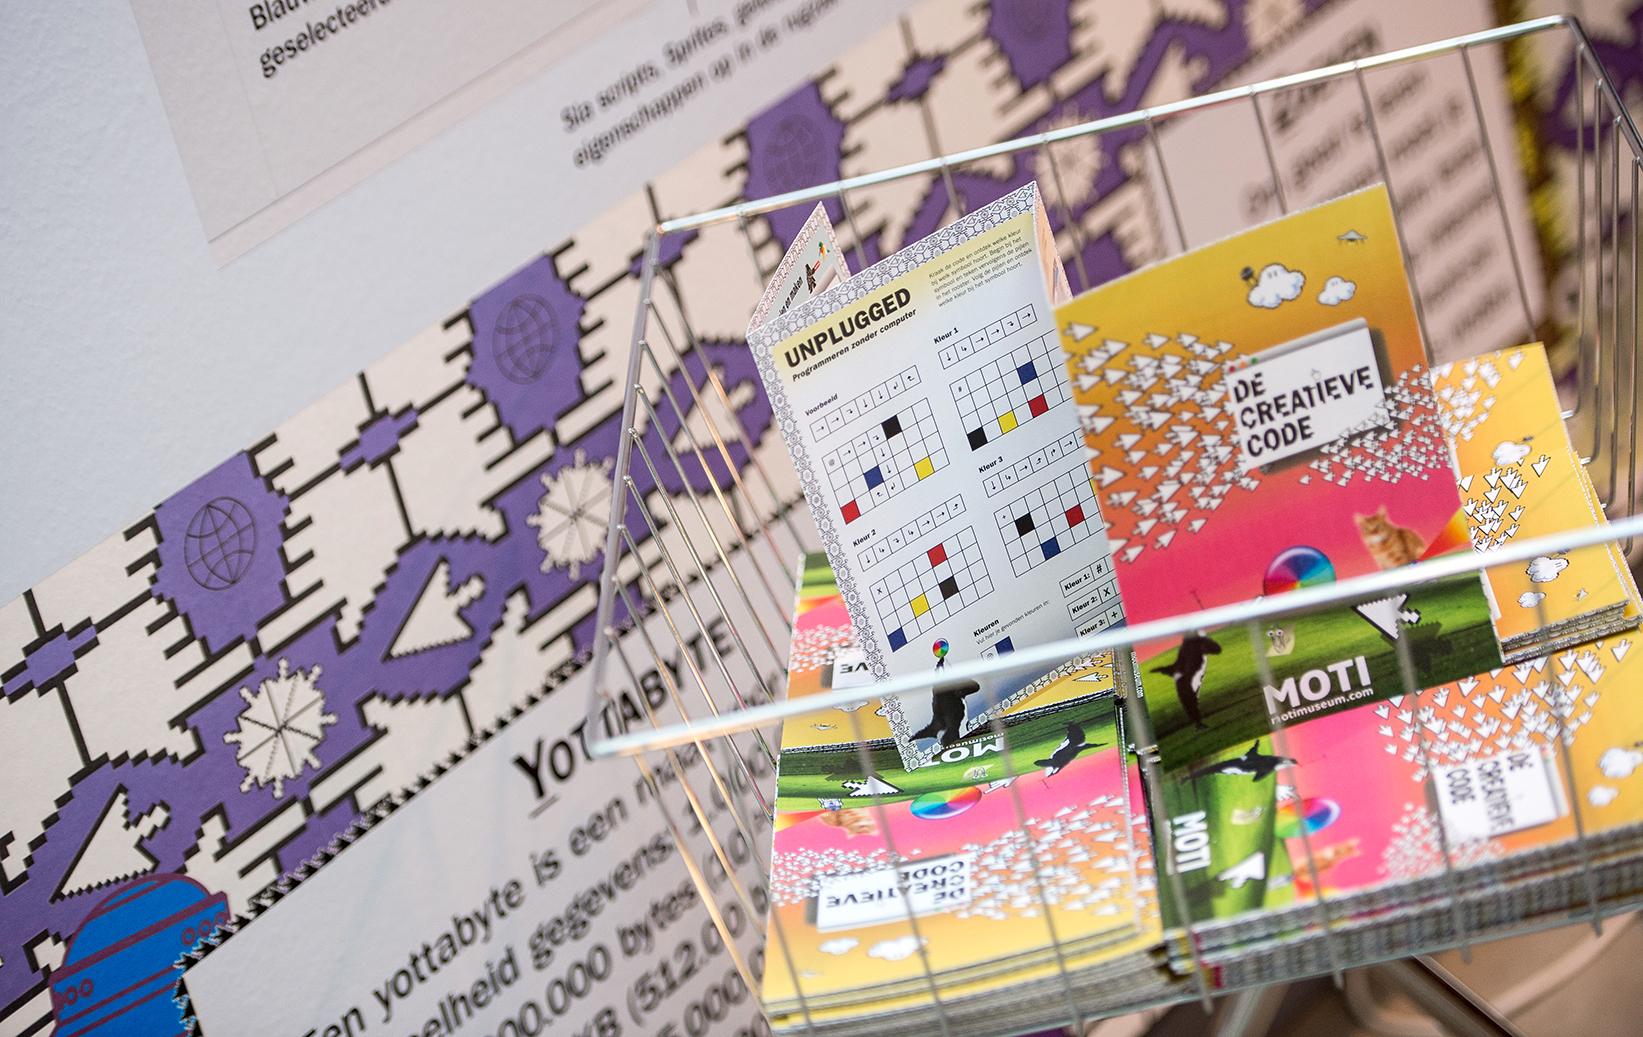 De creatieve code, moti, graphic design, museum